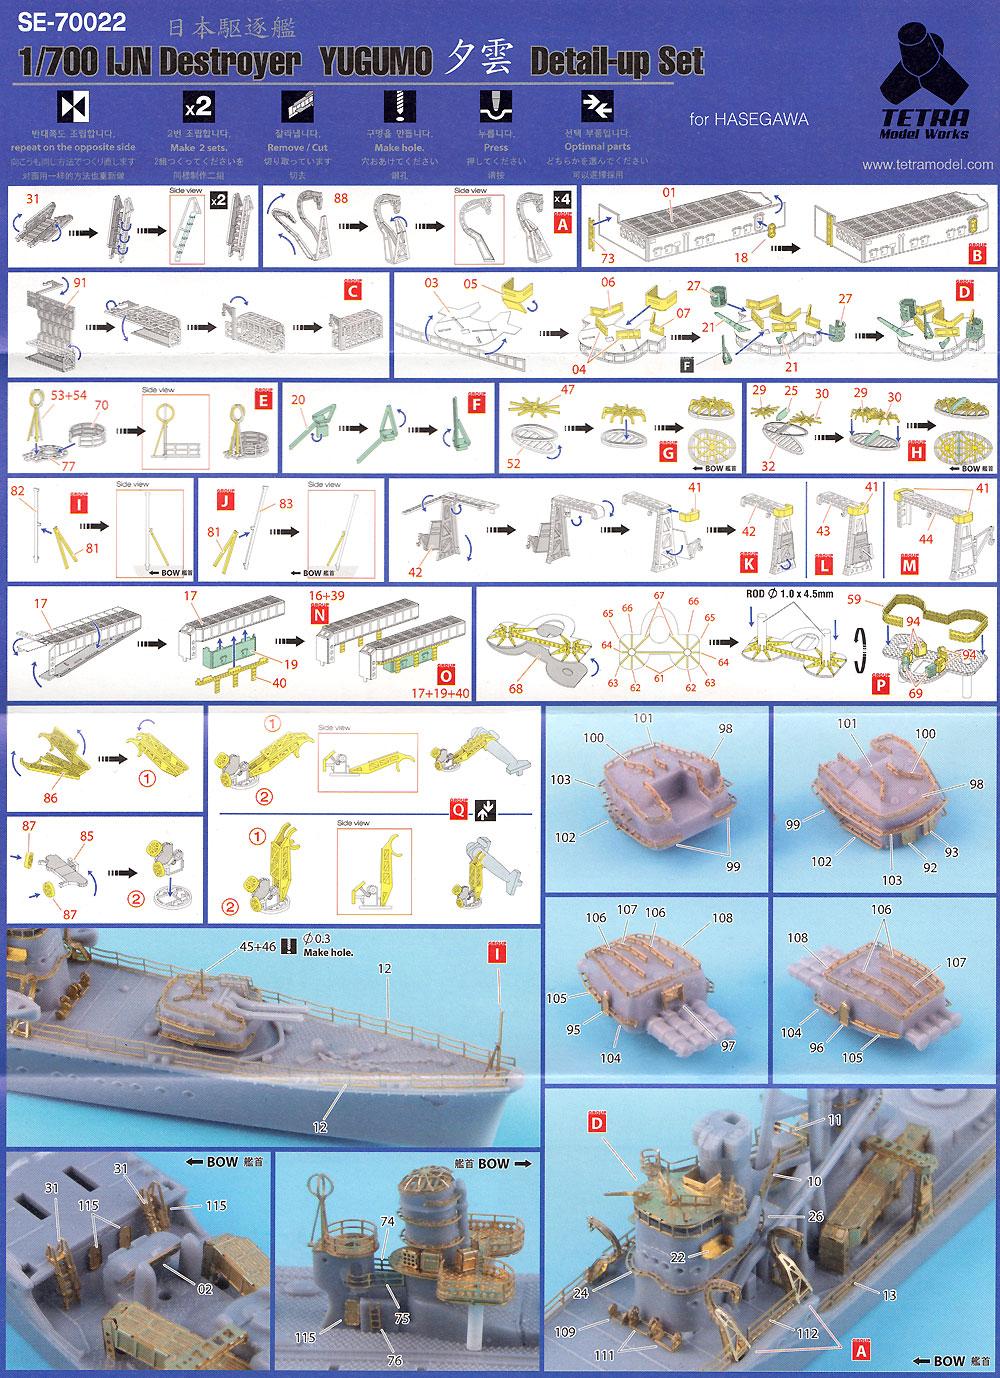 日本海軍 駆逐艦 夕雲 ディテールアップセット (ハセガワ用)エッチング(テトラモデルワークス艦船 アクセサリーパーツNo.SE-70022)商品画像_2